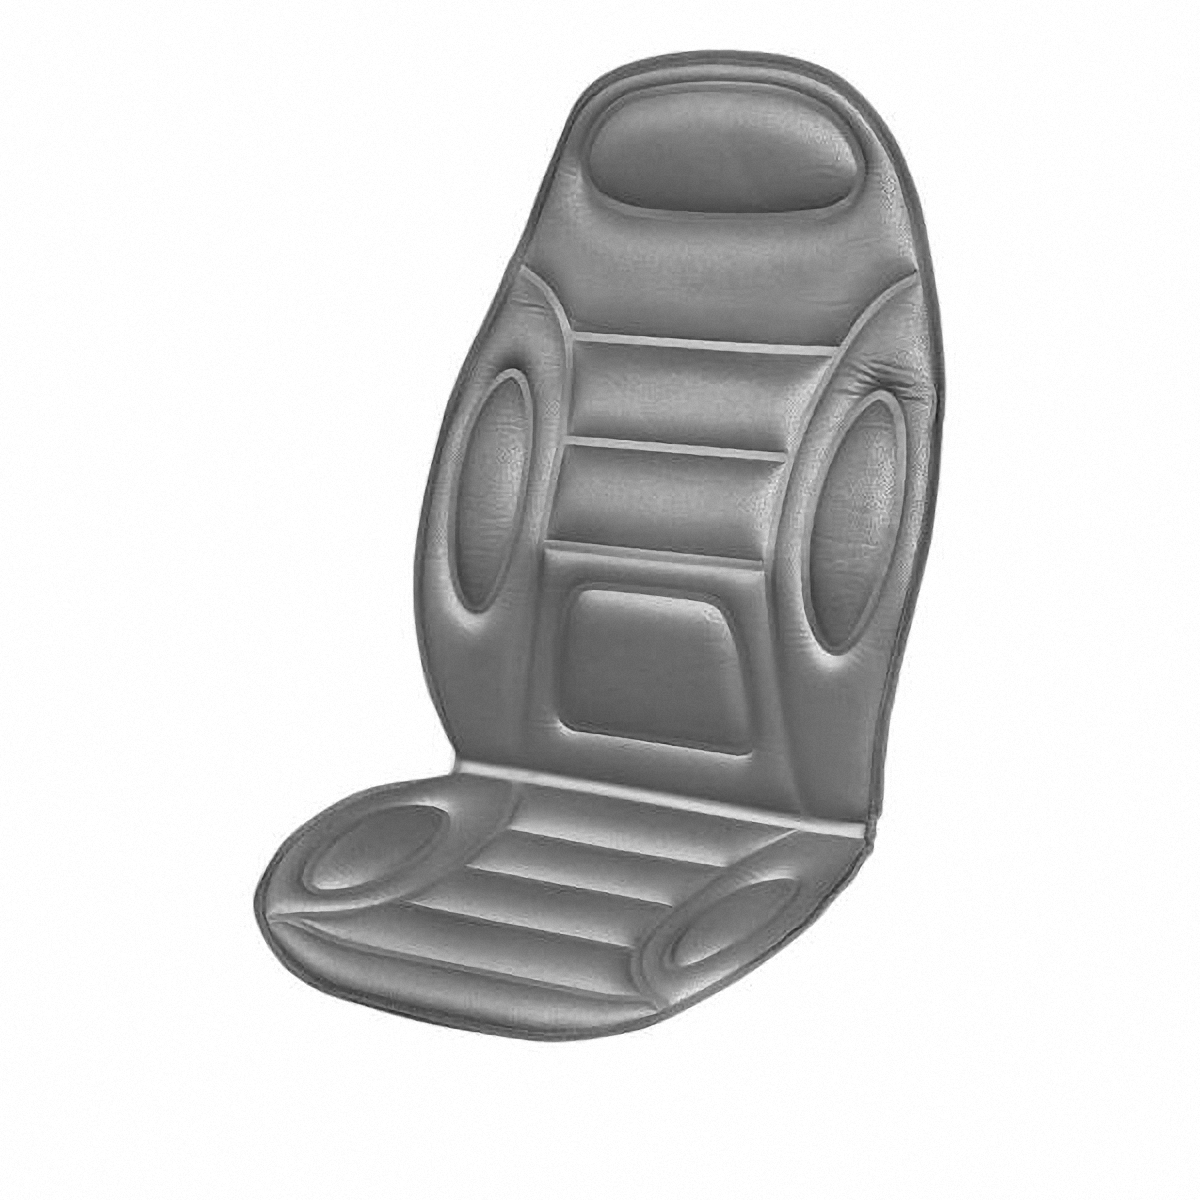 Накидка на сиденье Skyway, массажная, с подогревом. S02201014S02201014 (Накидка)Массажная накидка на сиденье Skyway с функцией подогрева имеет 2 вида массажа, продолжительный или пульсирующий, 5 режимов интенсивности. Зоны массажа: нижняя и верхняя части спины и бедра. Есть пульт управления и удобный карман для его хранения в нижней части накидки с правой стороны.Функция обогрева предназначена для создания комфортной температуры 37-40 градусов и расположена в поясничной зоне. Оснащена предохранителем, который в случае нежелательного перепада напряжения защитит изделие и бортовую сеть автомобиля.Накидка подходит для всех размеров сидений. Напряжение: 12В.Количество режимов массажа: 5.Количество скоростей: 3.Температура подогрева: 37-40°C.